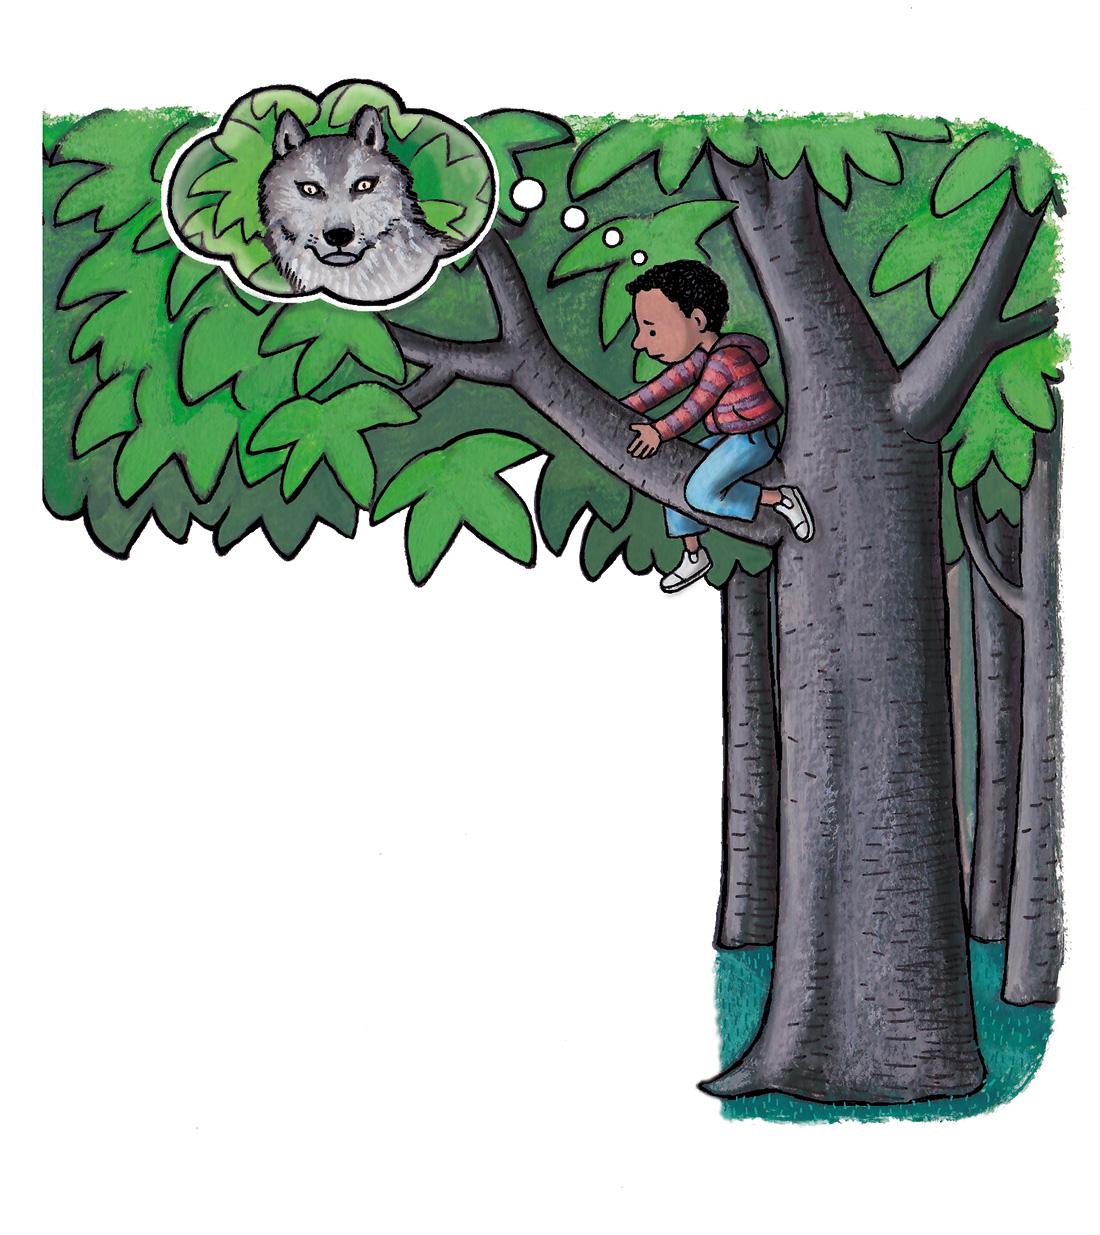 biebboekje 'een beest in het bos'